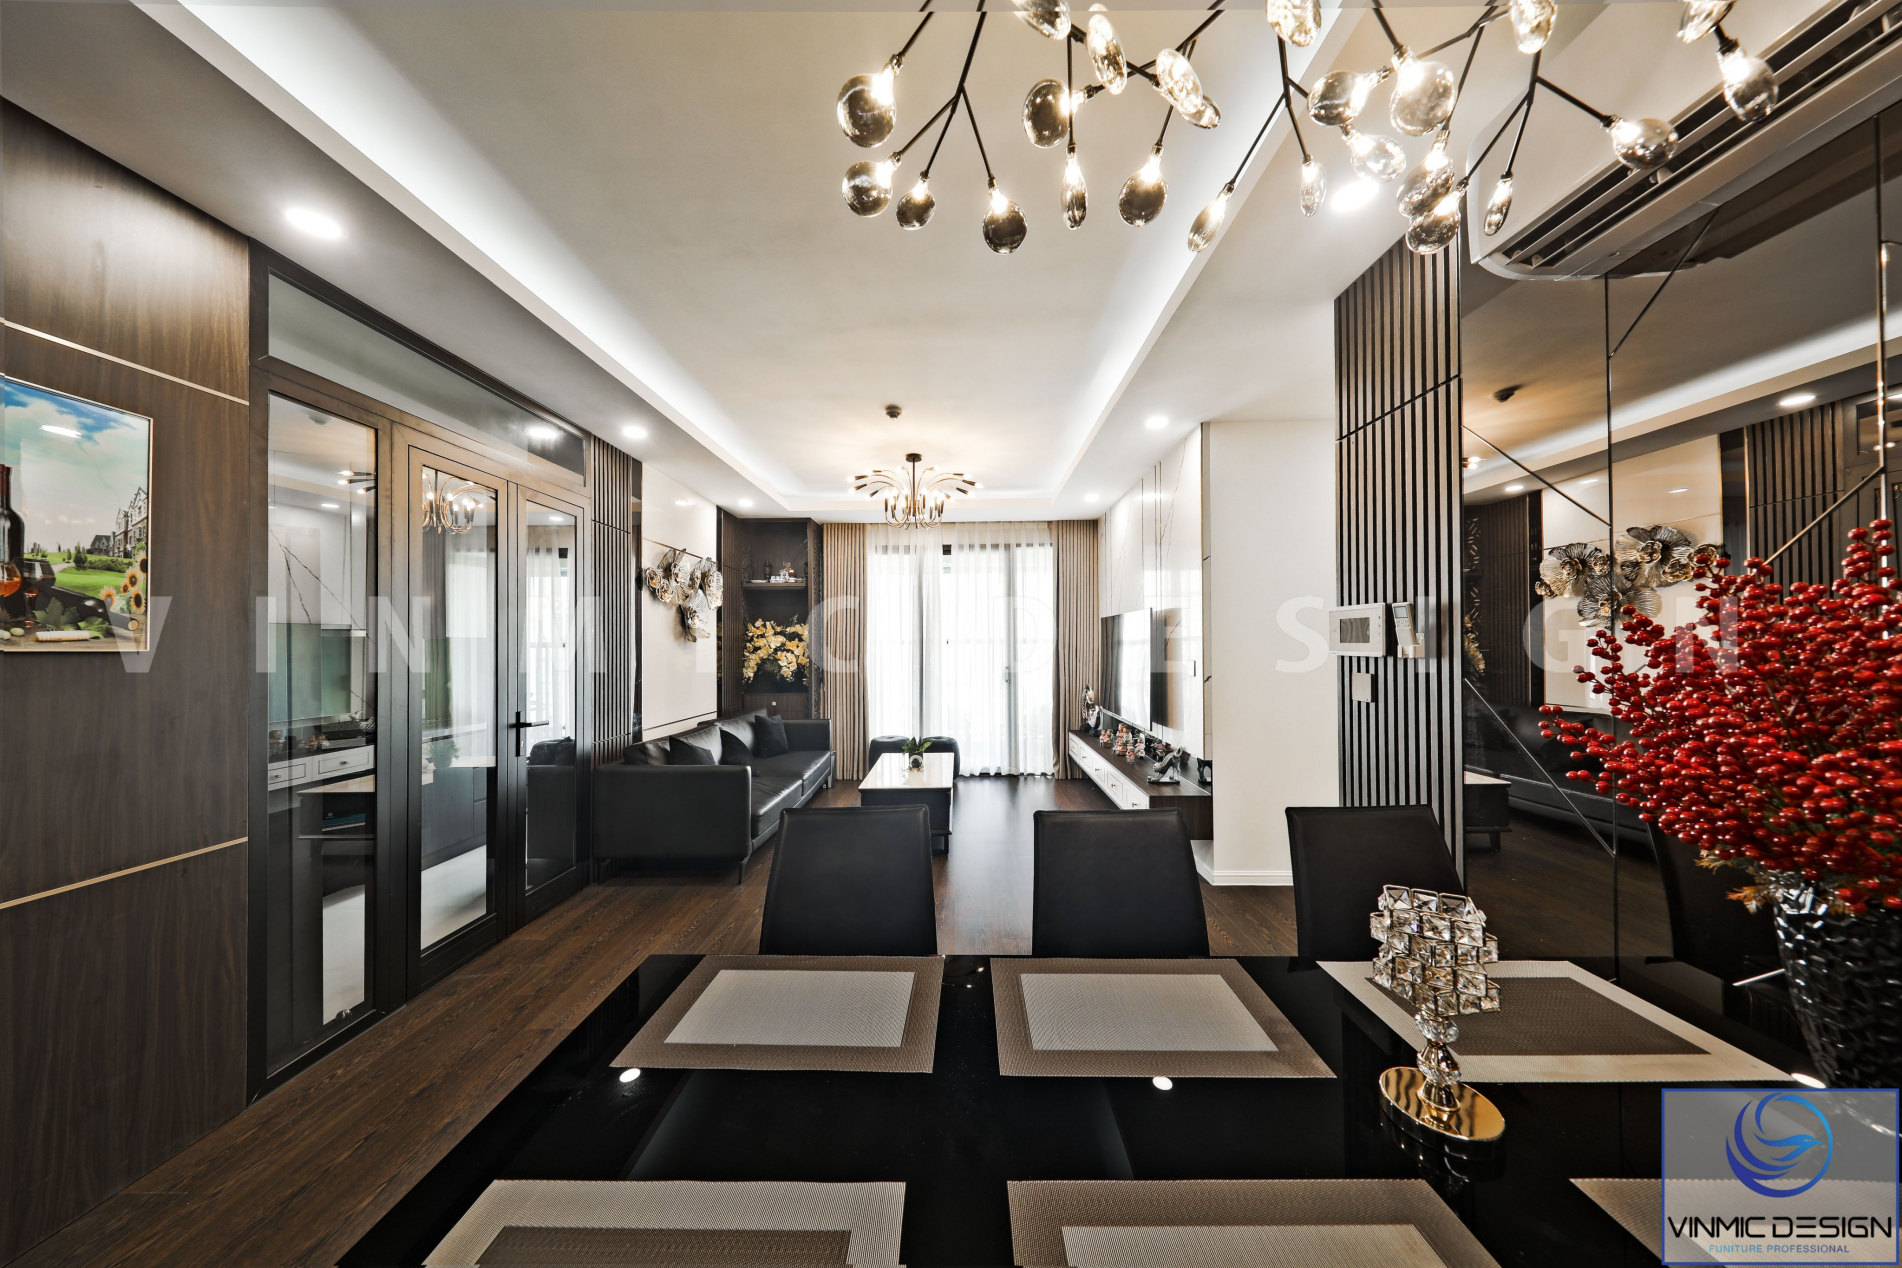 Thiết kế phòng khách đậm chất hiện đại với chất gỗ công nghiệp